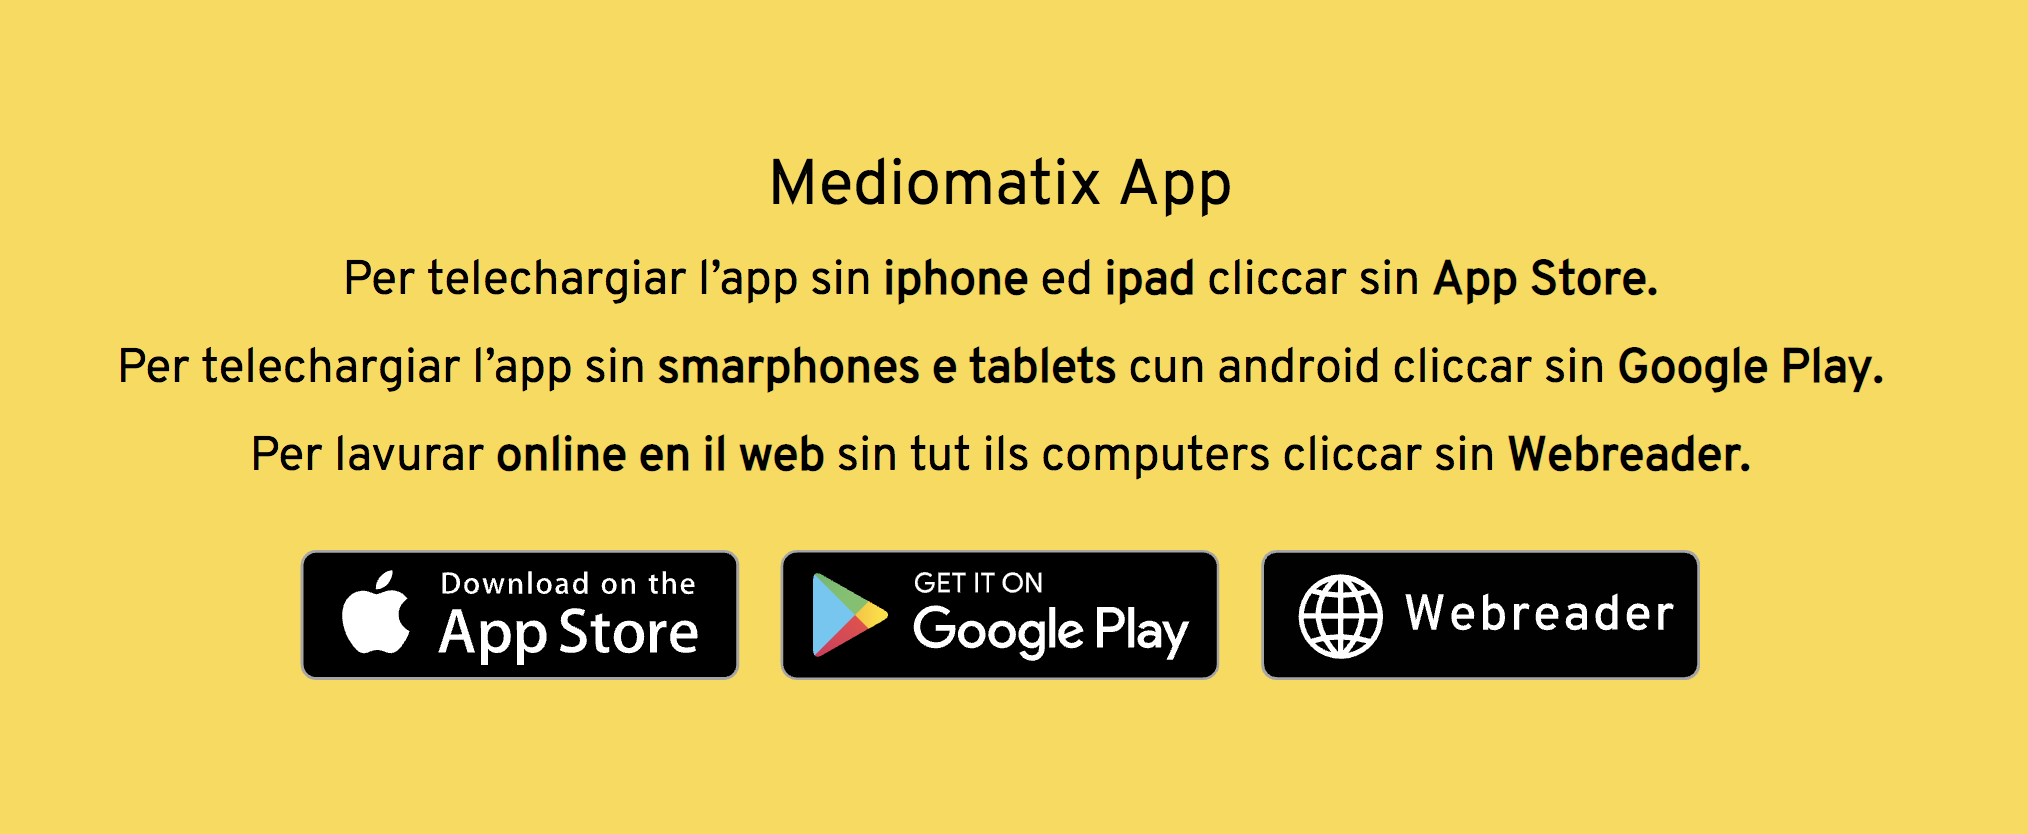 Laden Sie jetzt Mediomatix herunter. Mediomatix ist für iOS, Android und den PC verfügbar.